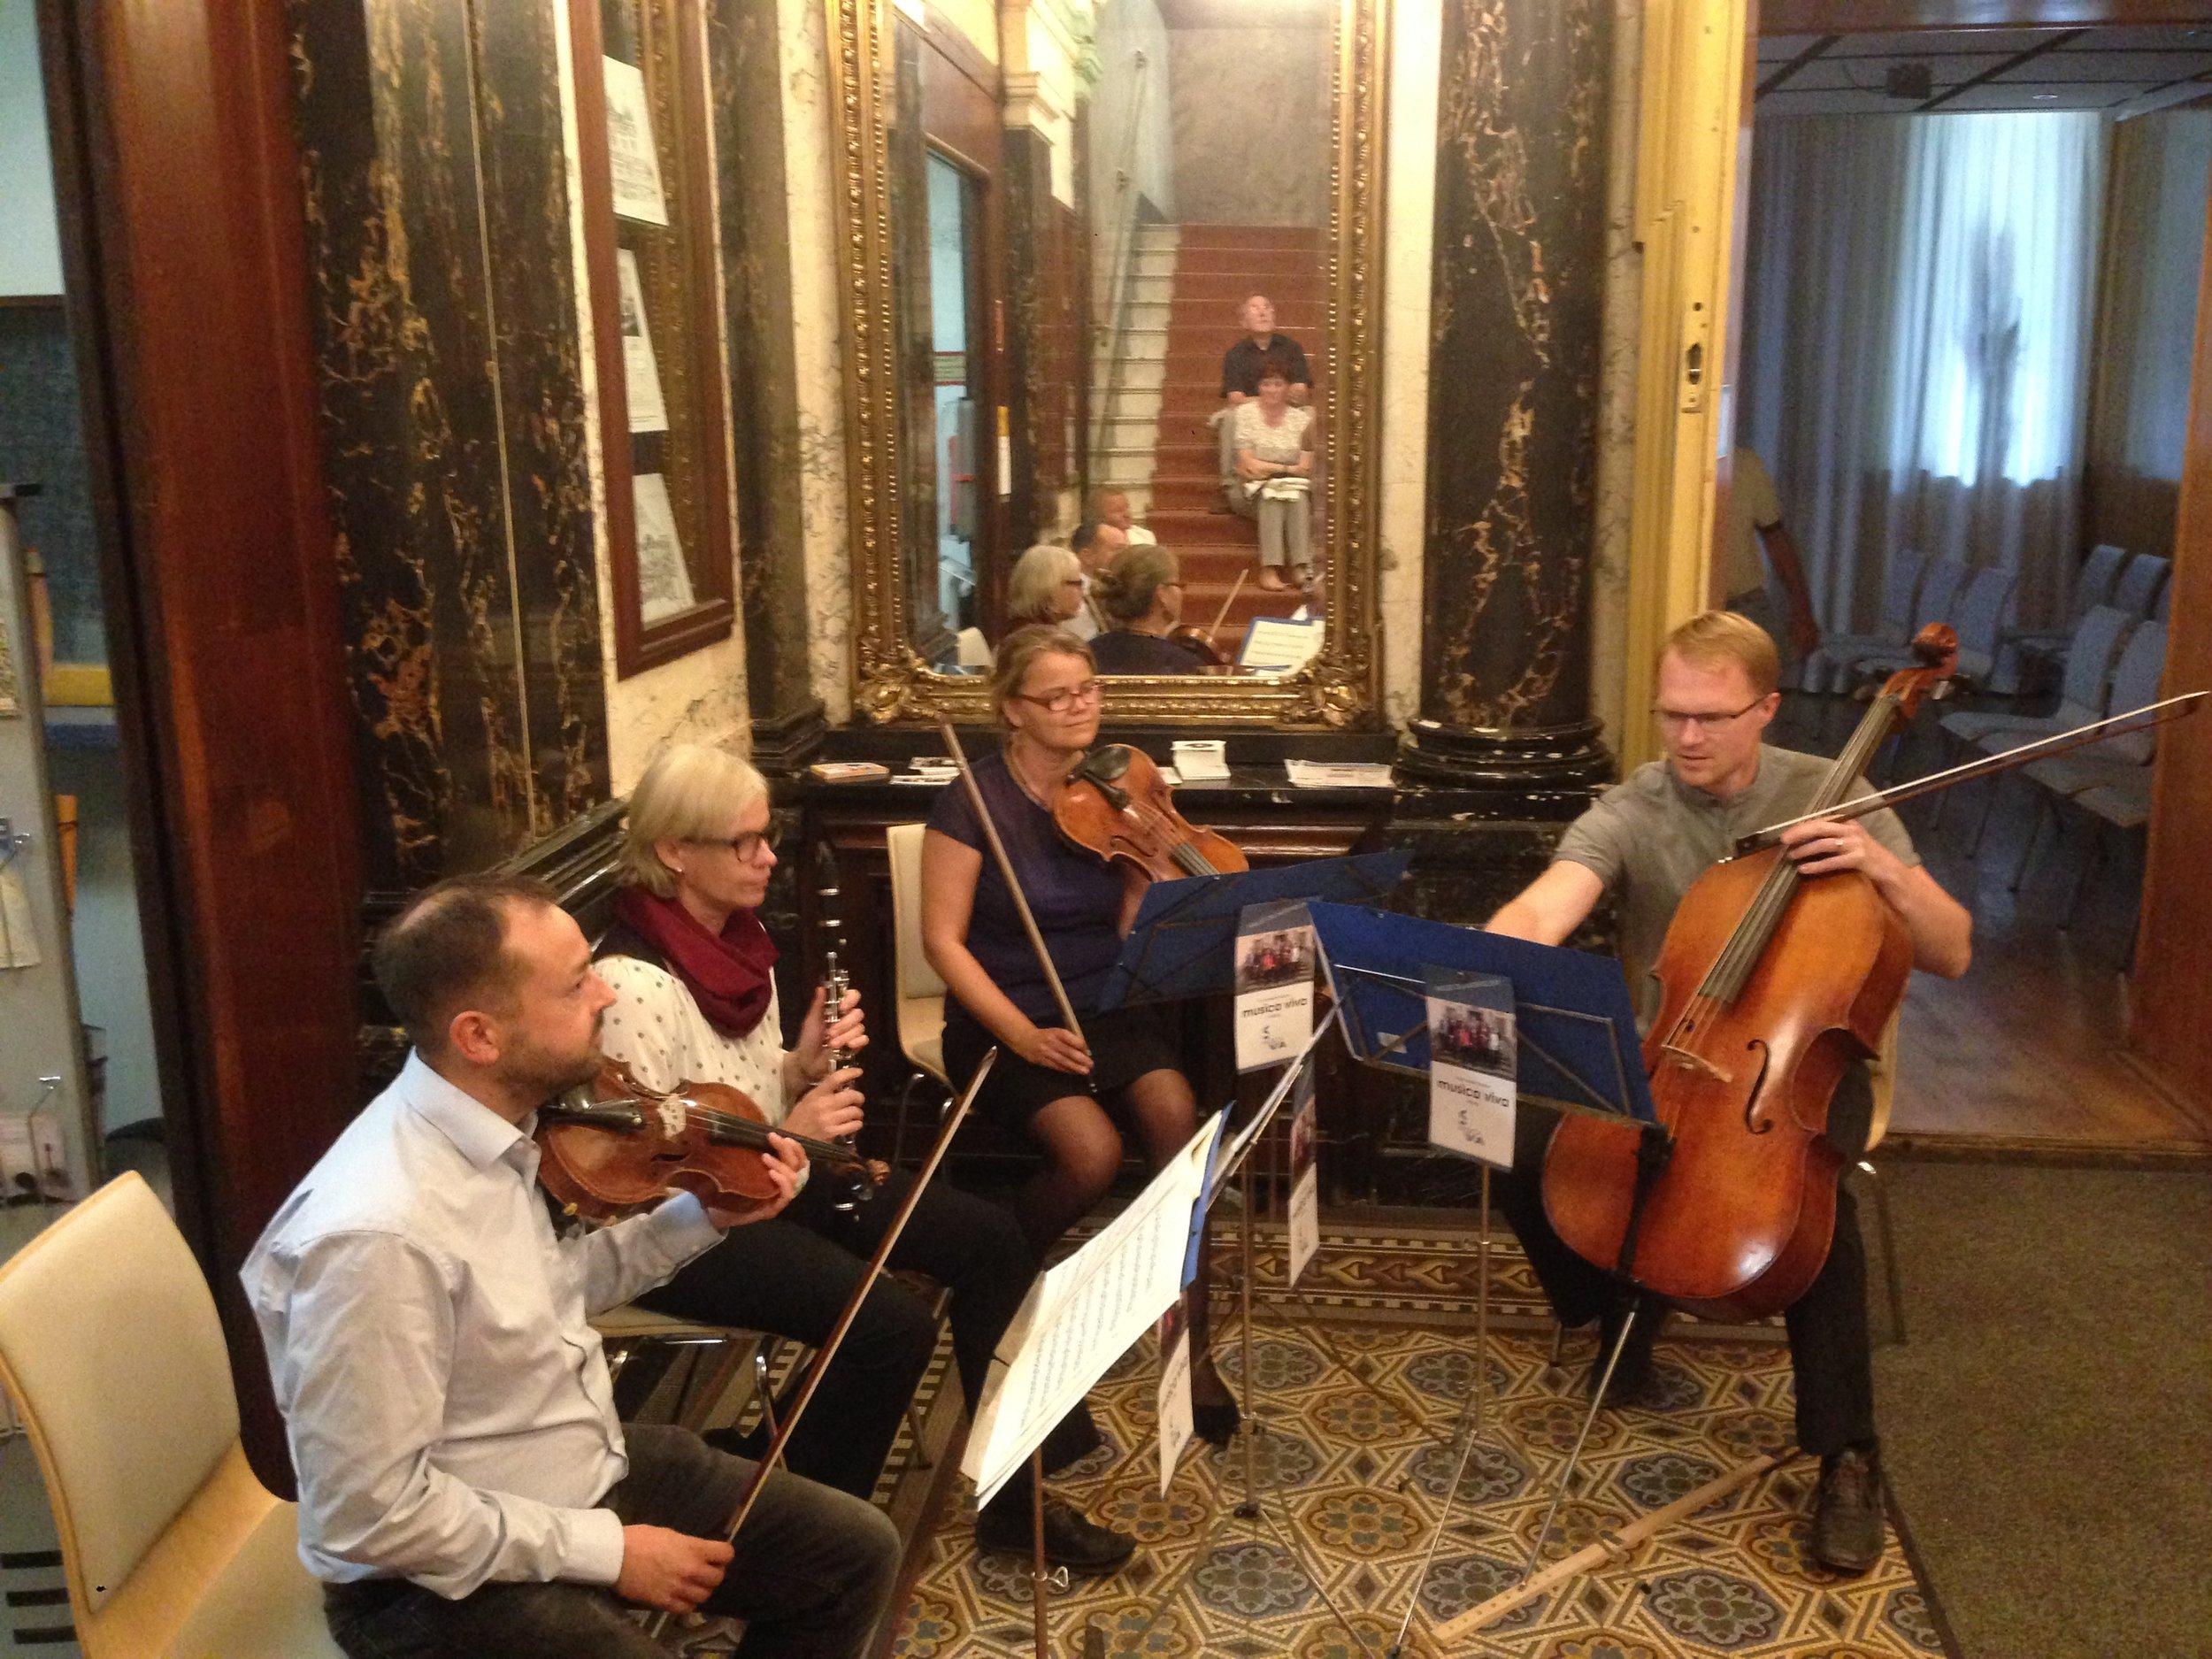 Musica Viva Orchester